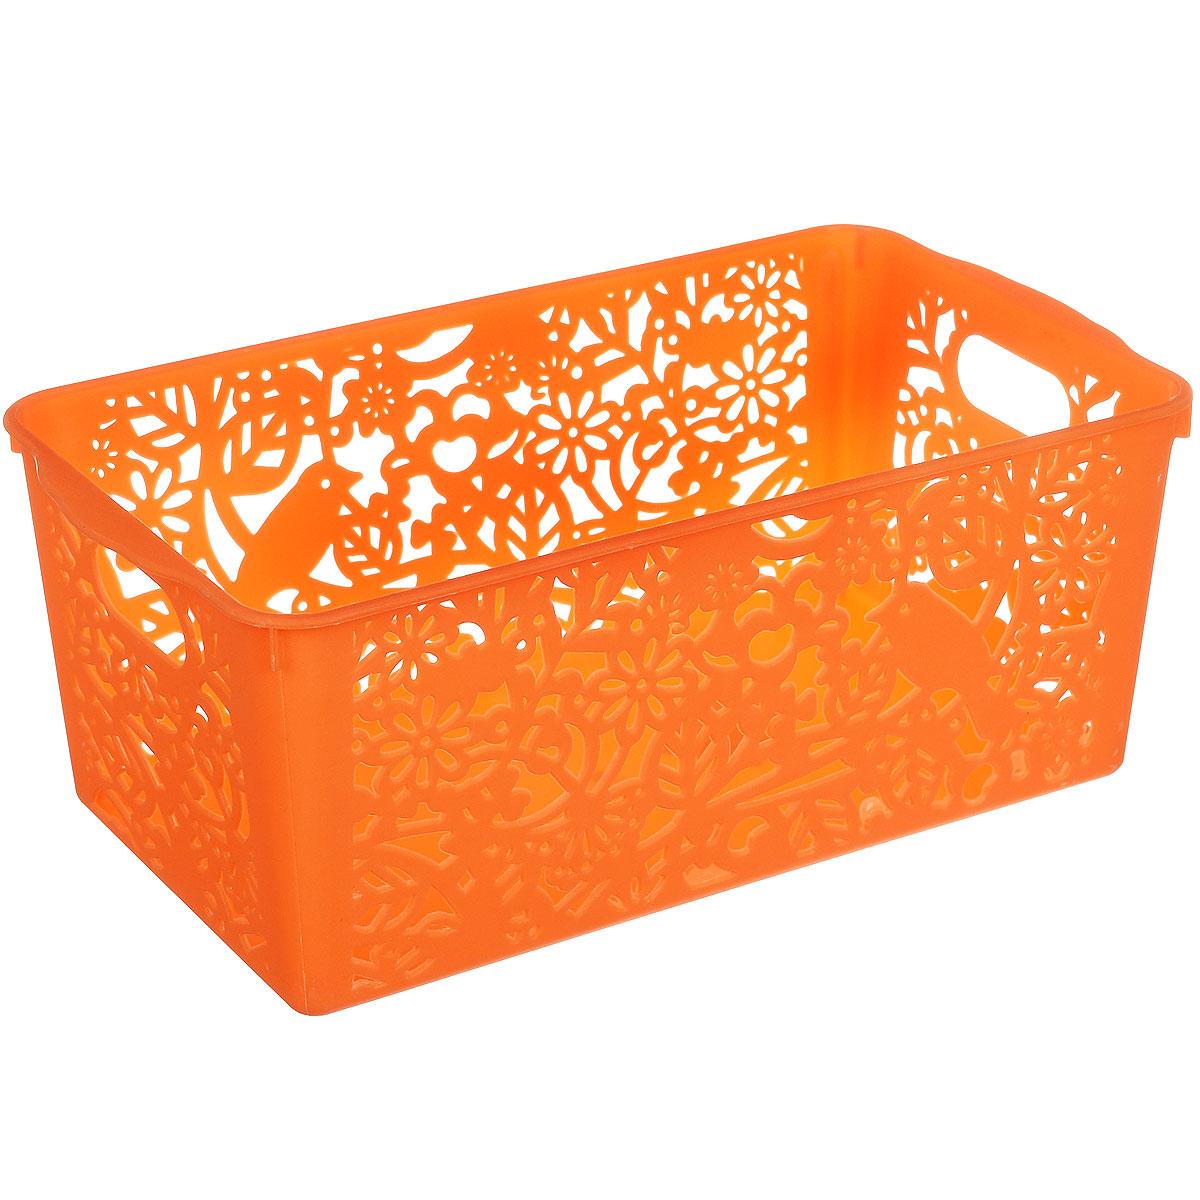 Корзина для хранения Sima-land Птицы, цвет: оранжевый, 28 см х 15 см х 11 см799920_оранжевыйПрямоугольная корзина Sima-land Птицы, изготовленная из пластика, предназначена для хранения мелочей в ванной, на кухне, даче или гараже. Позволяет хранить мелкие вещи, исключая возможность их потери. Корзина со сплошным дном и перфорированными стенками, оснащена ручками для удобной переноски. Элегантный выдержанный дизайн позволяет органично вписаться в ваш интерьер и стать его элементом.